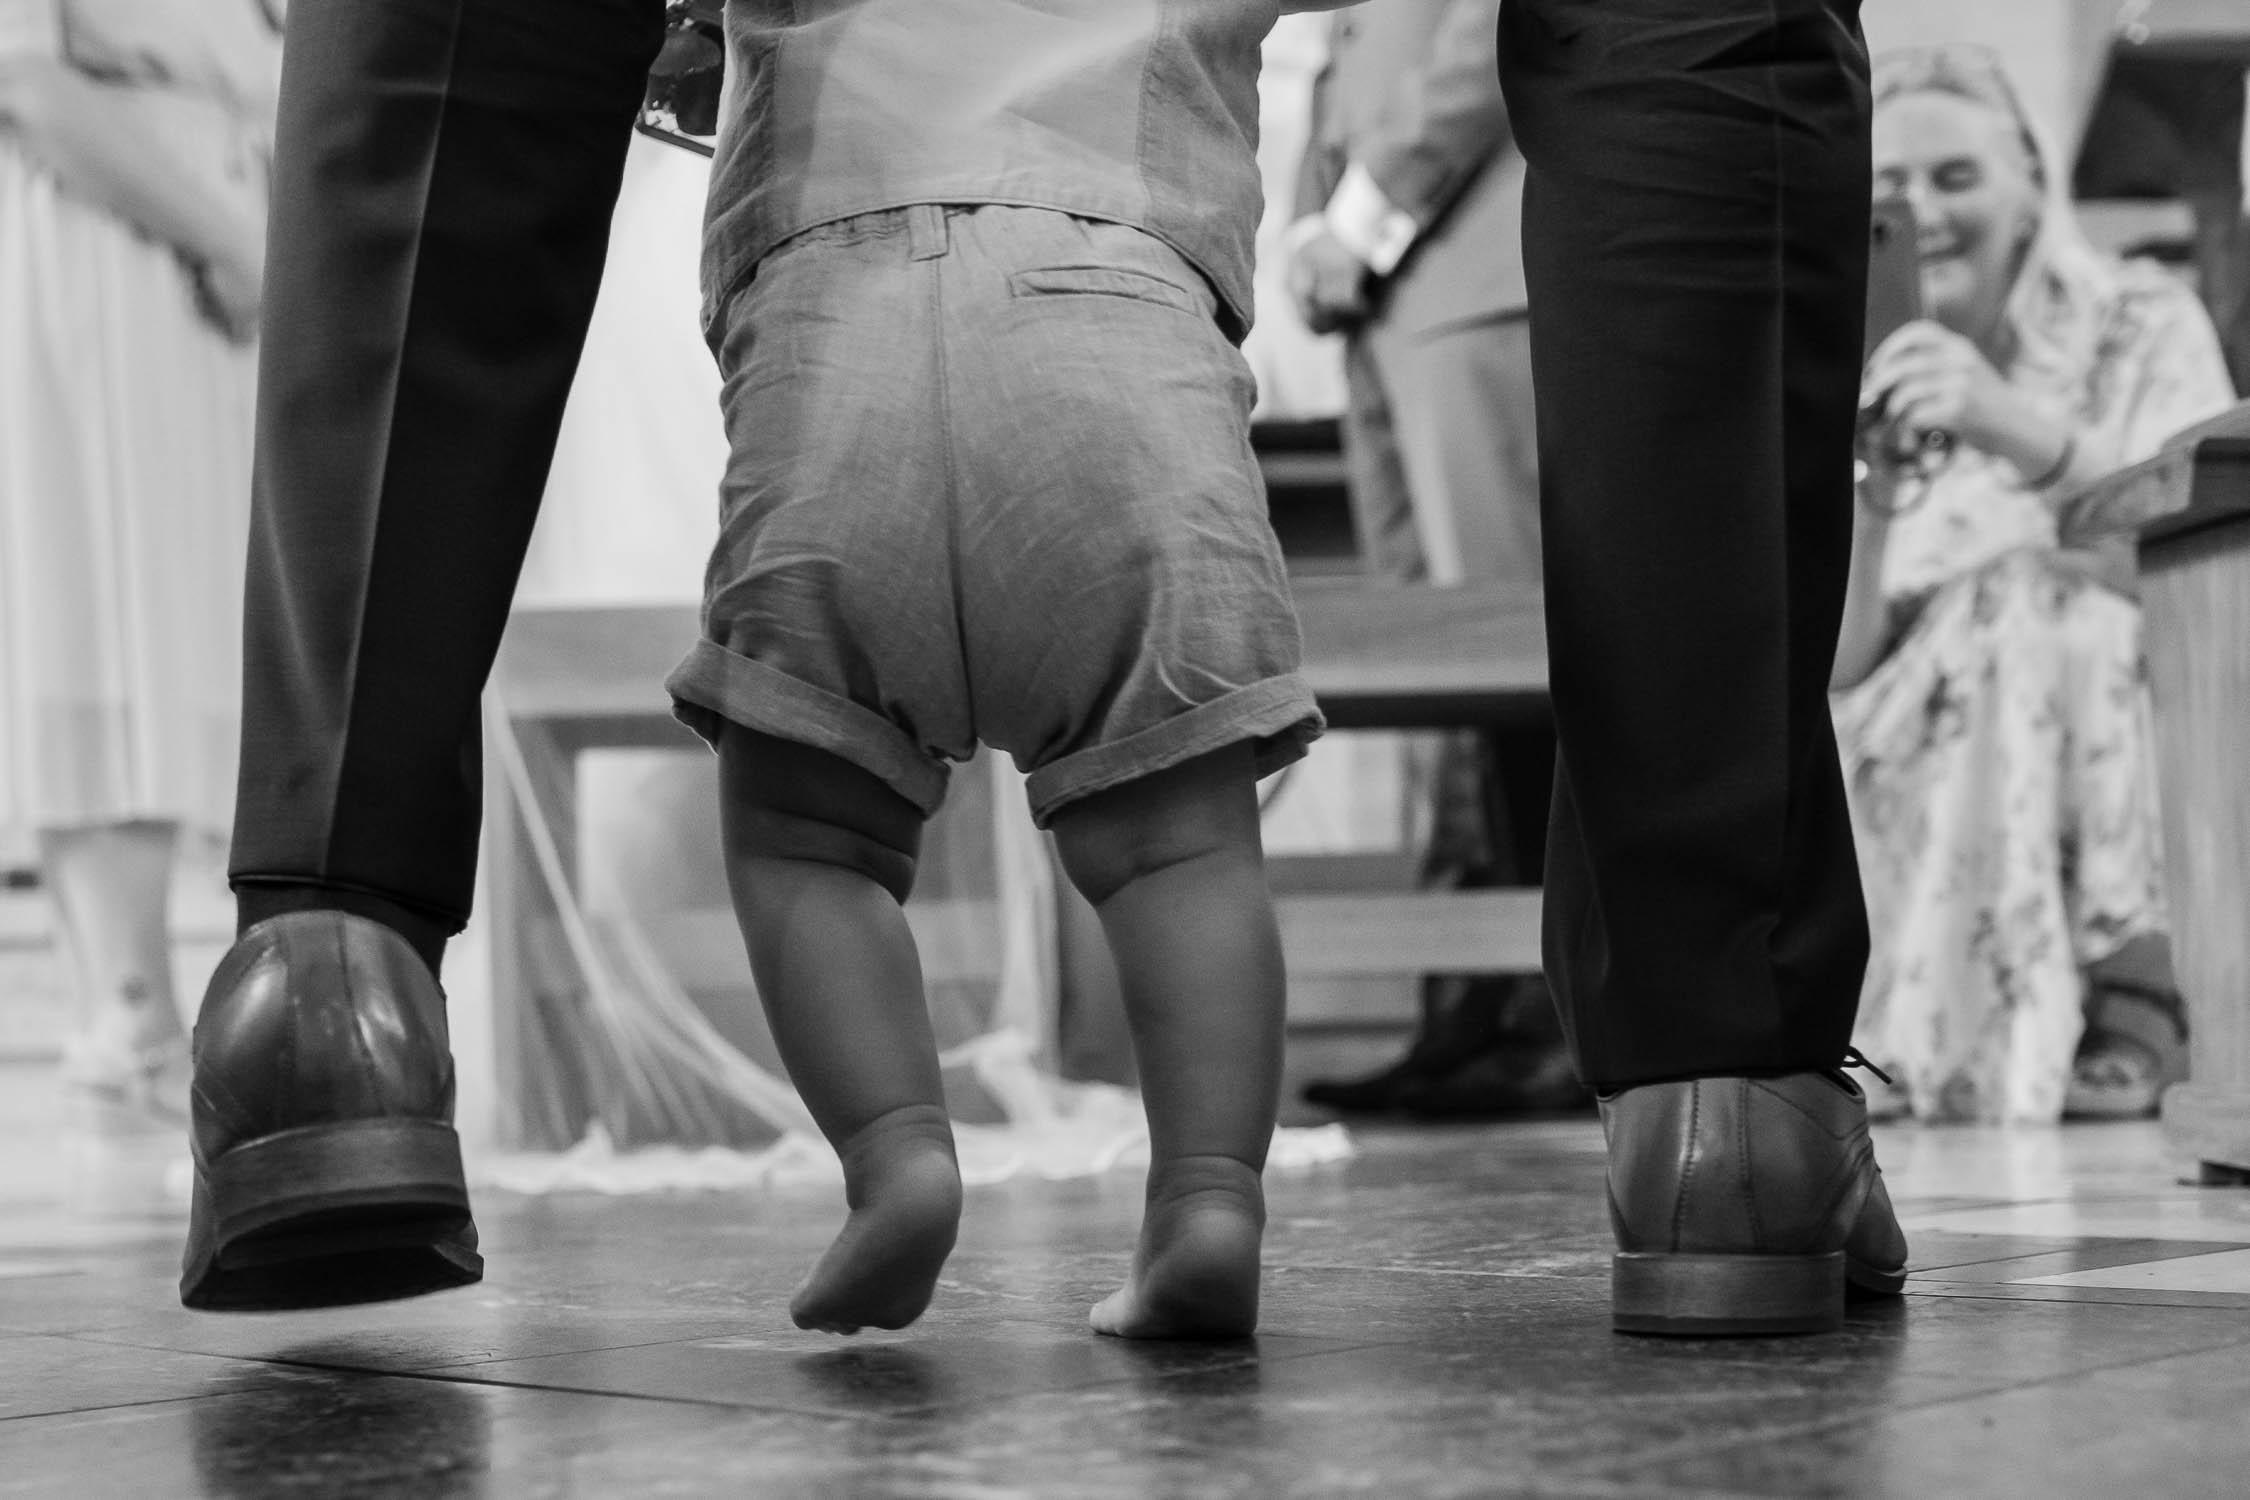 Authentische Hochzeitsfotografie Hochzeitsfotograf Koeln Andre Bastos Fotoggrafie 10 min – gesehen bei frauimmer-herrewig.de